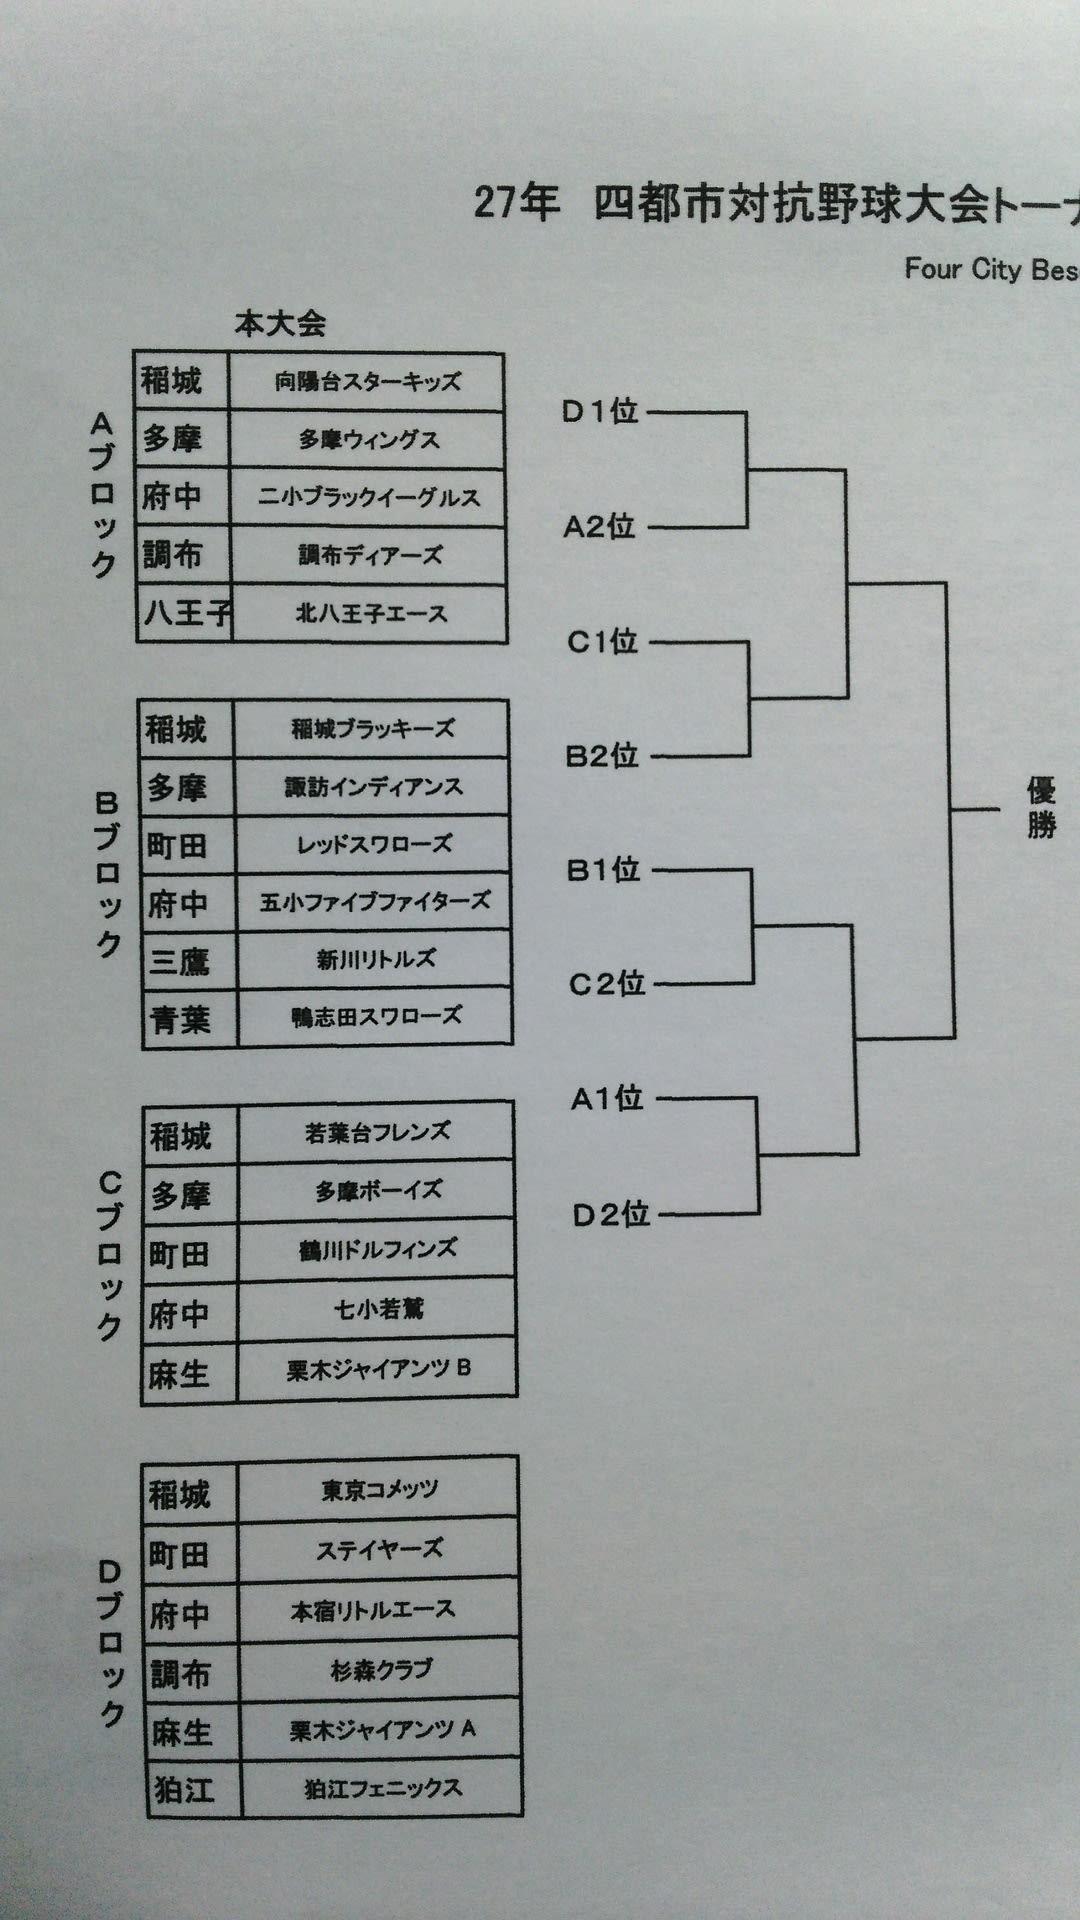 【6年生チーム】 四都市対抗野球大会トーナメント …